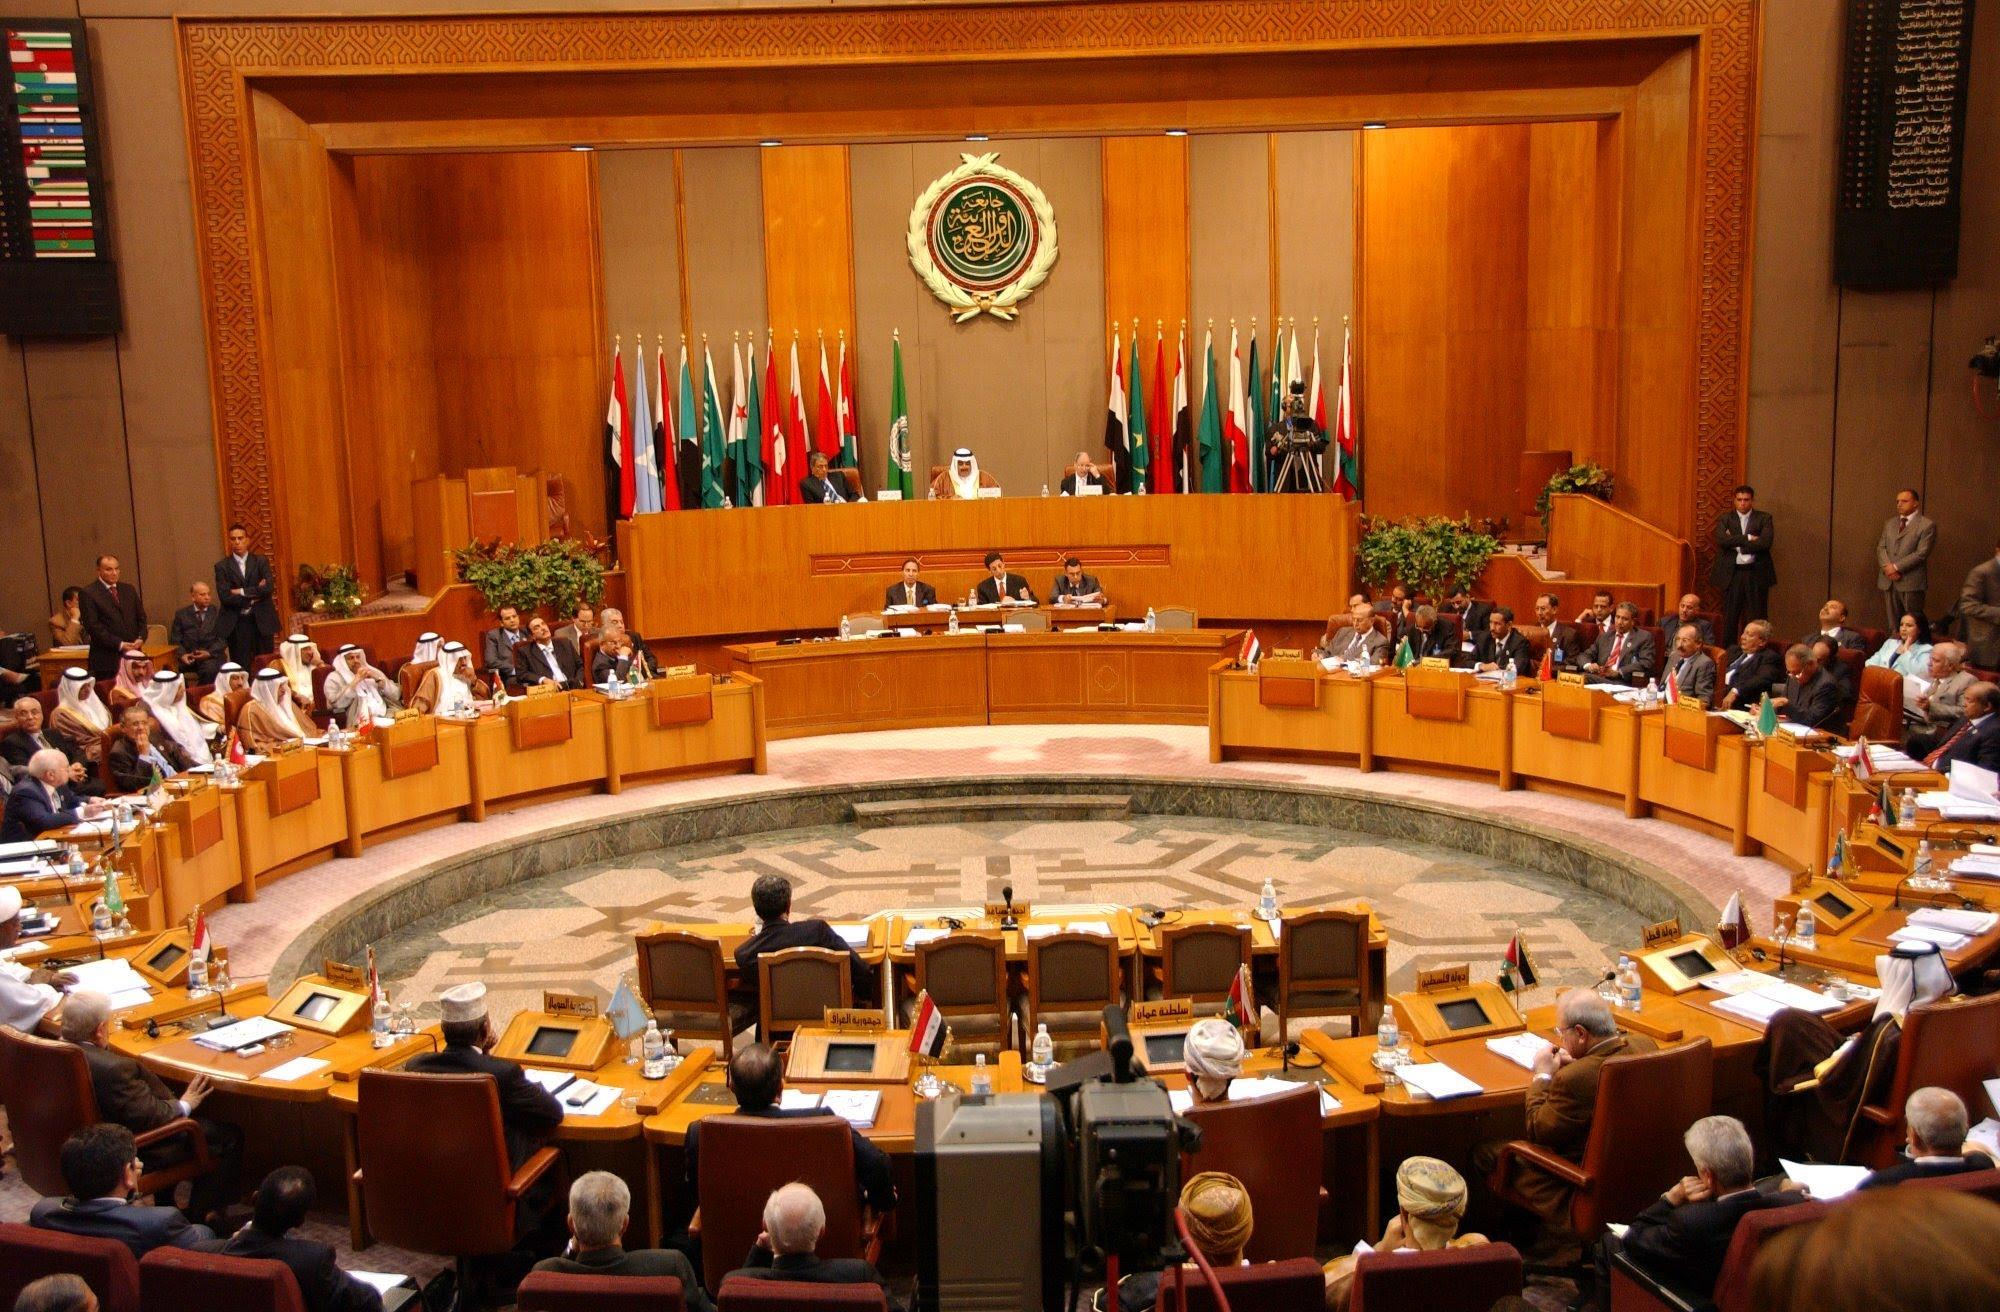 اجتماع عاجل وطارئ لوزراء خارجية العرب حول القدس وجنرال إسرائيلي يسخر من جميع الدول العربية وقادتها